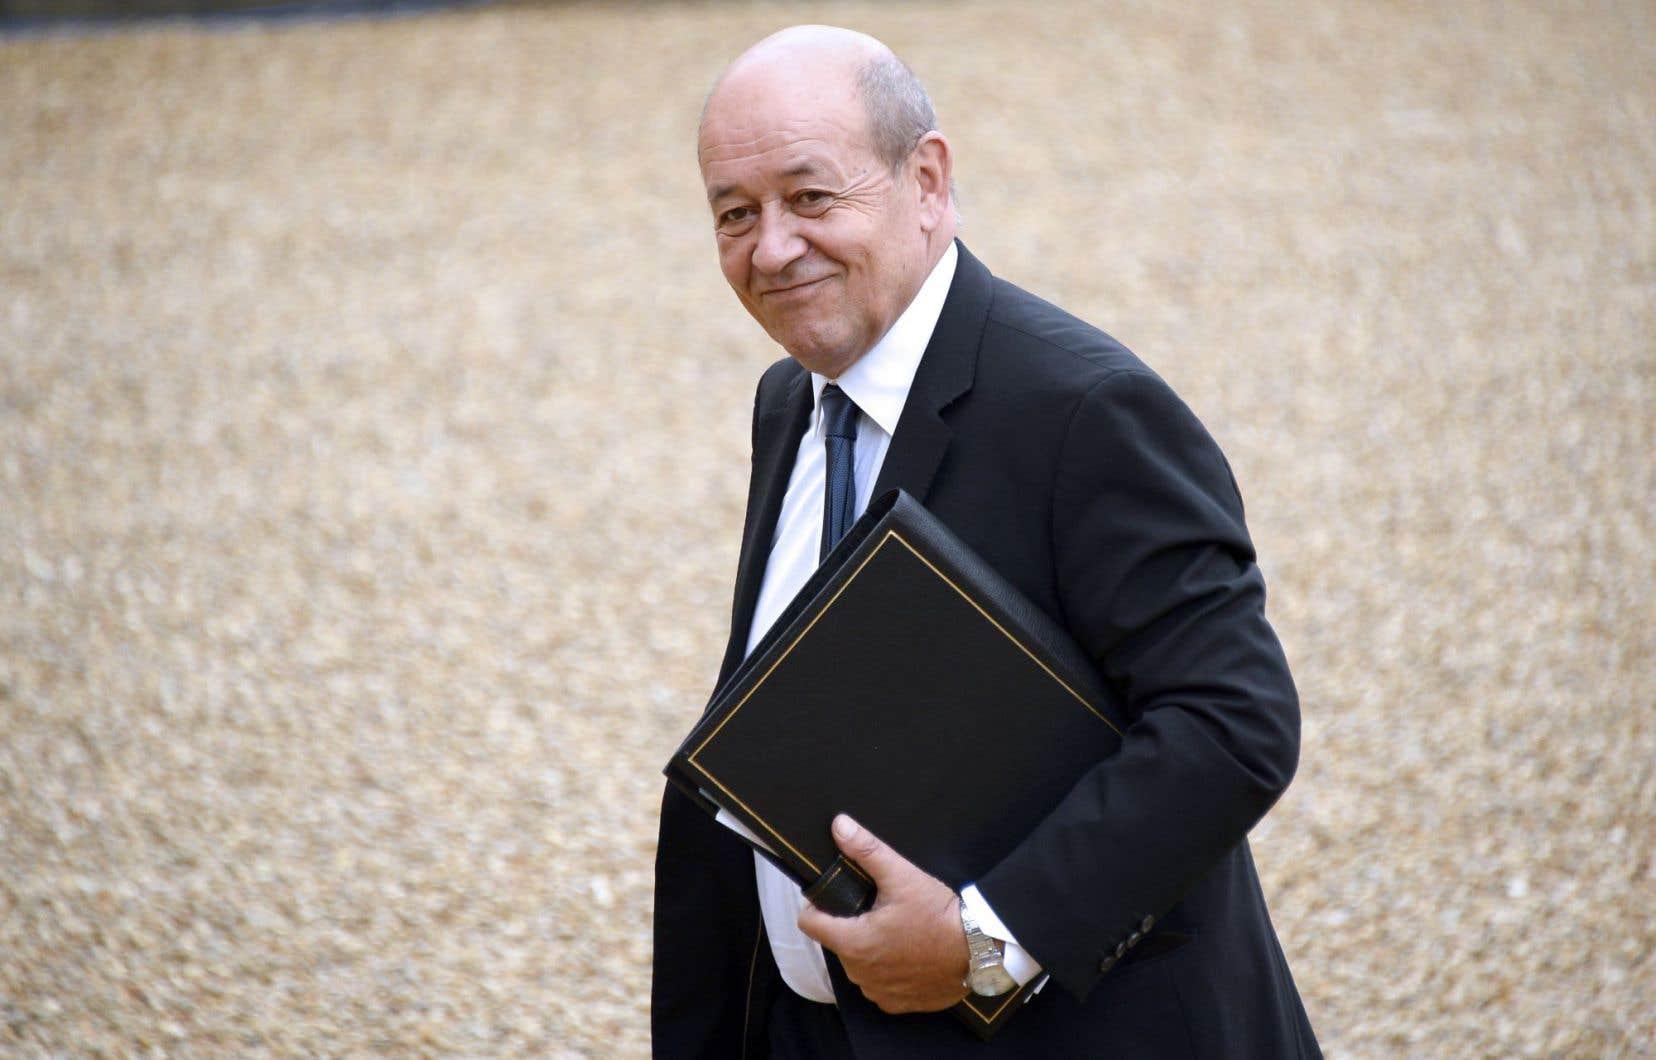 Il avait été décidé d'effectuer un discours de vente de dernière minute au ministre de la Défense français, Jean-Yves Le Drian.